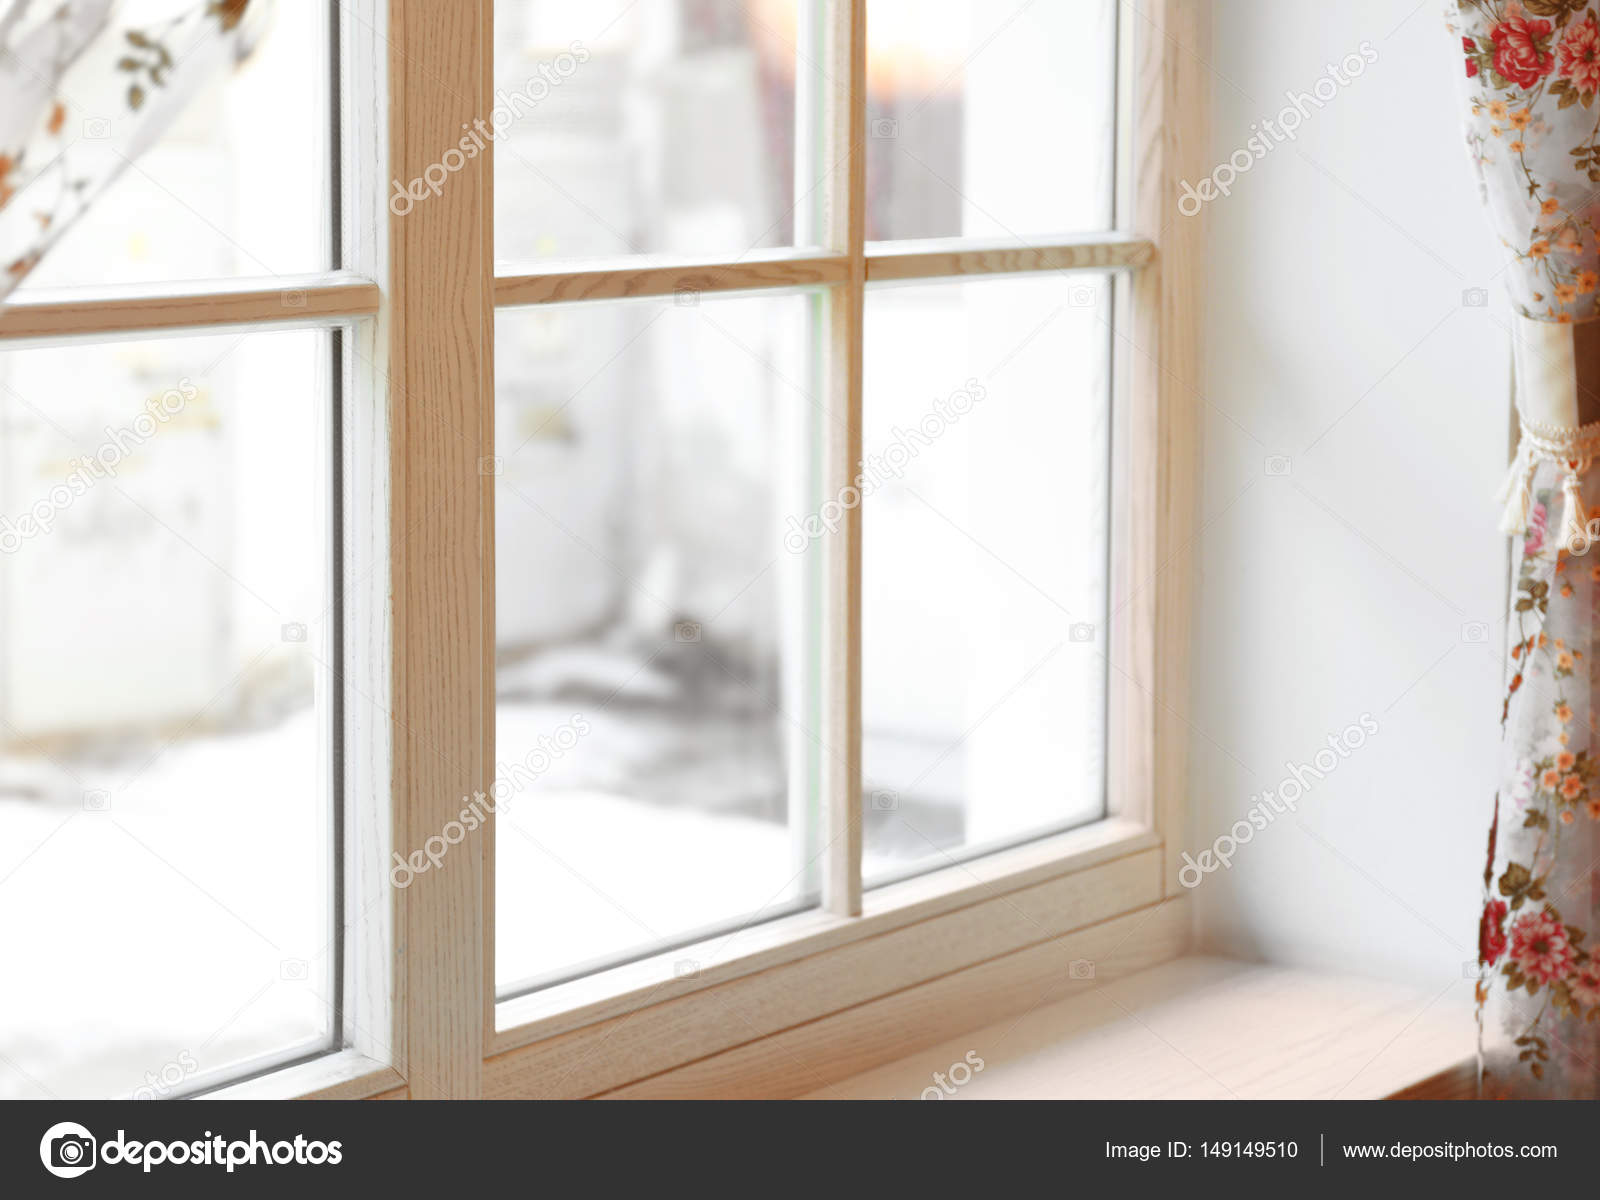 Groot houten raam met gordijnen — Stockfoto © belchonock #149149510